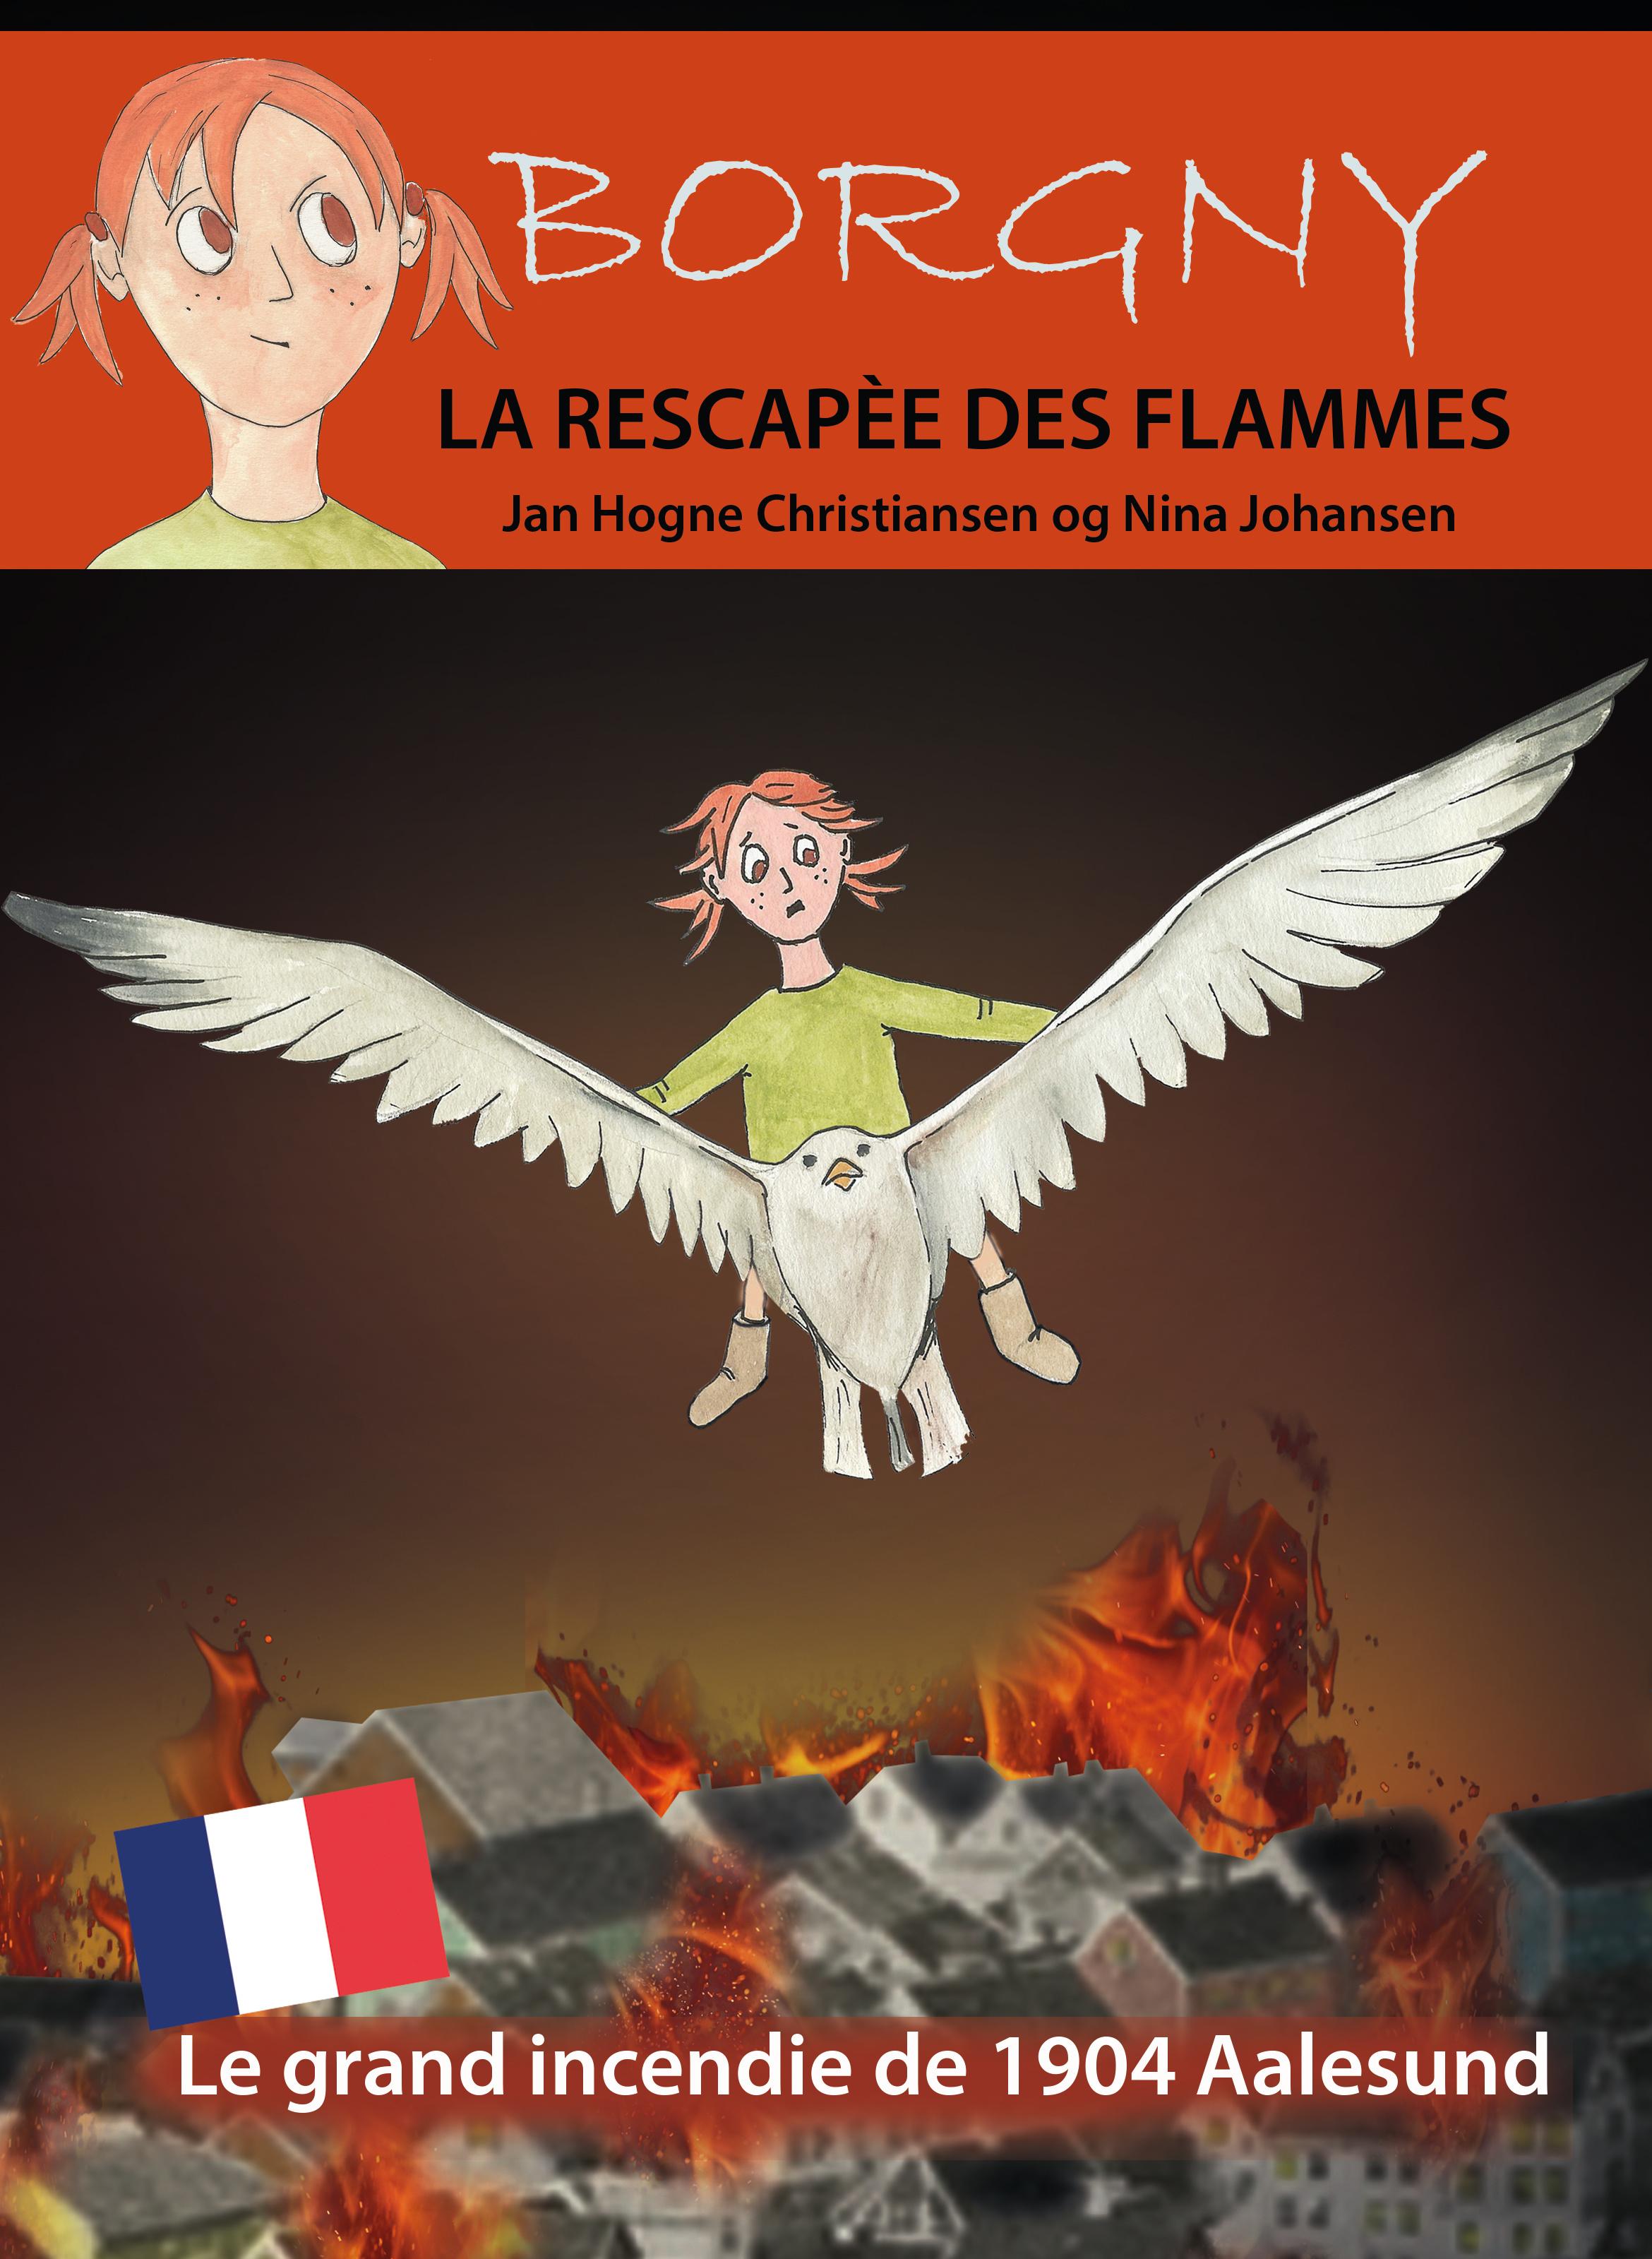 Borgny - LA RESCAPéE DES FLAMMES